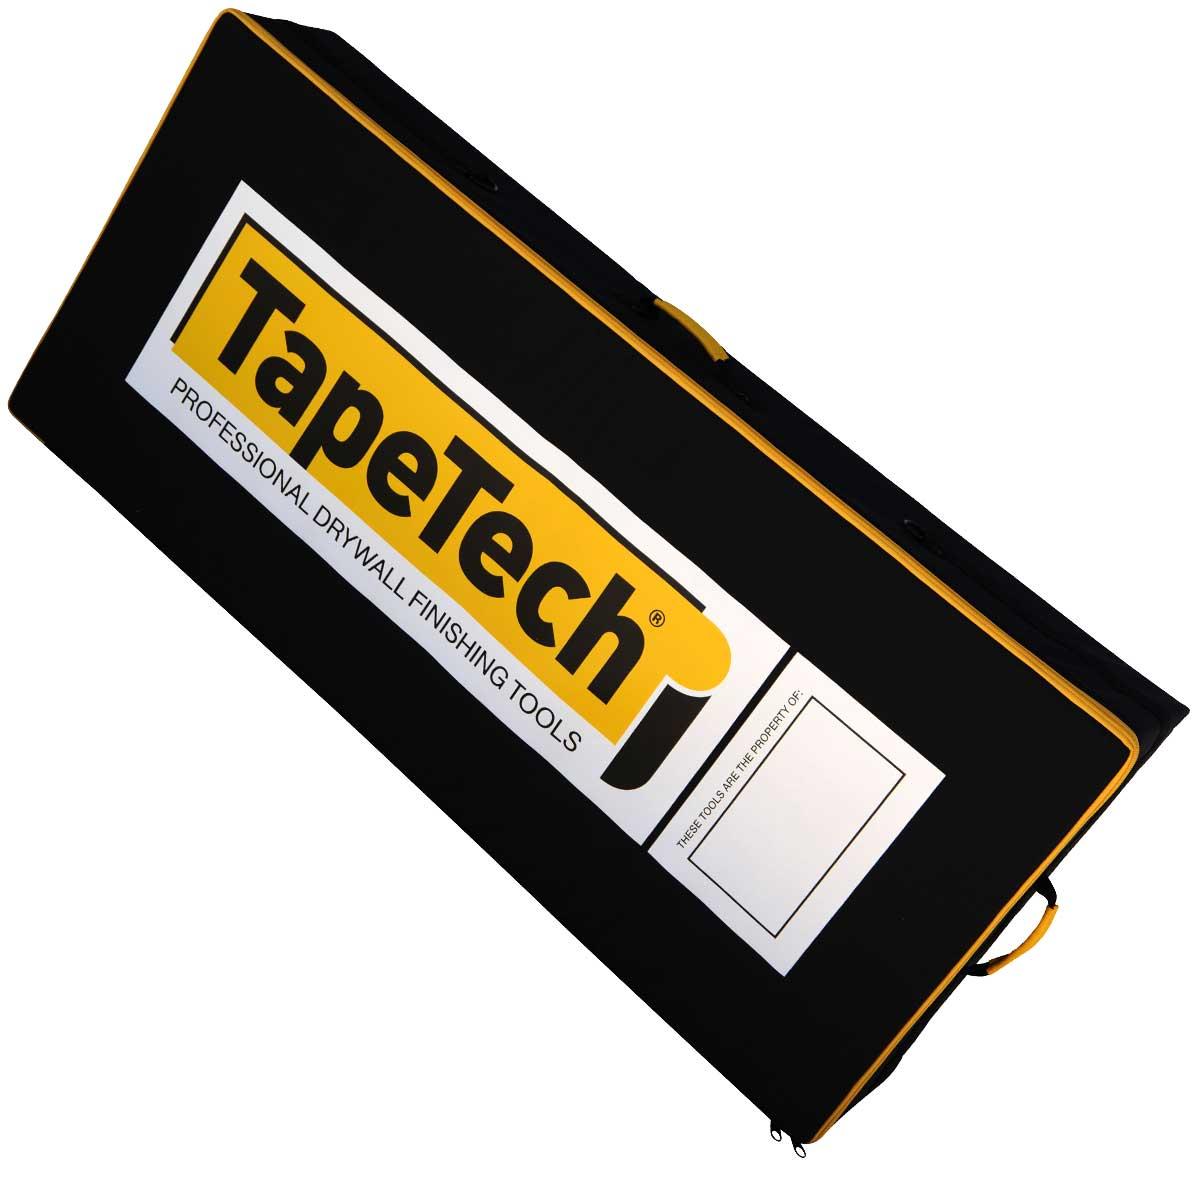 TapeTech Taping Tool Case TTCASE